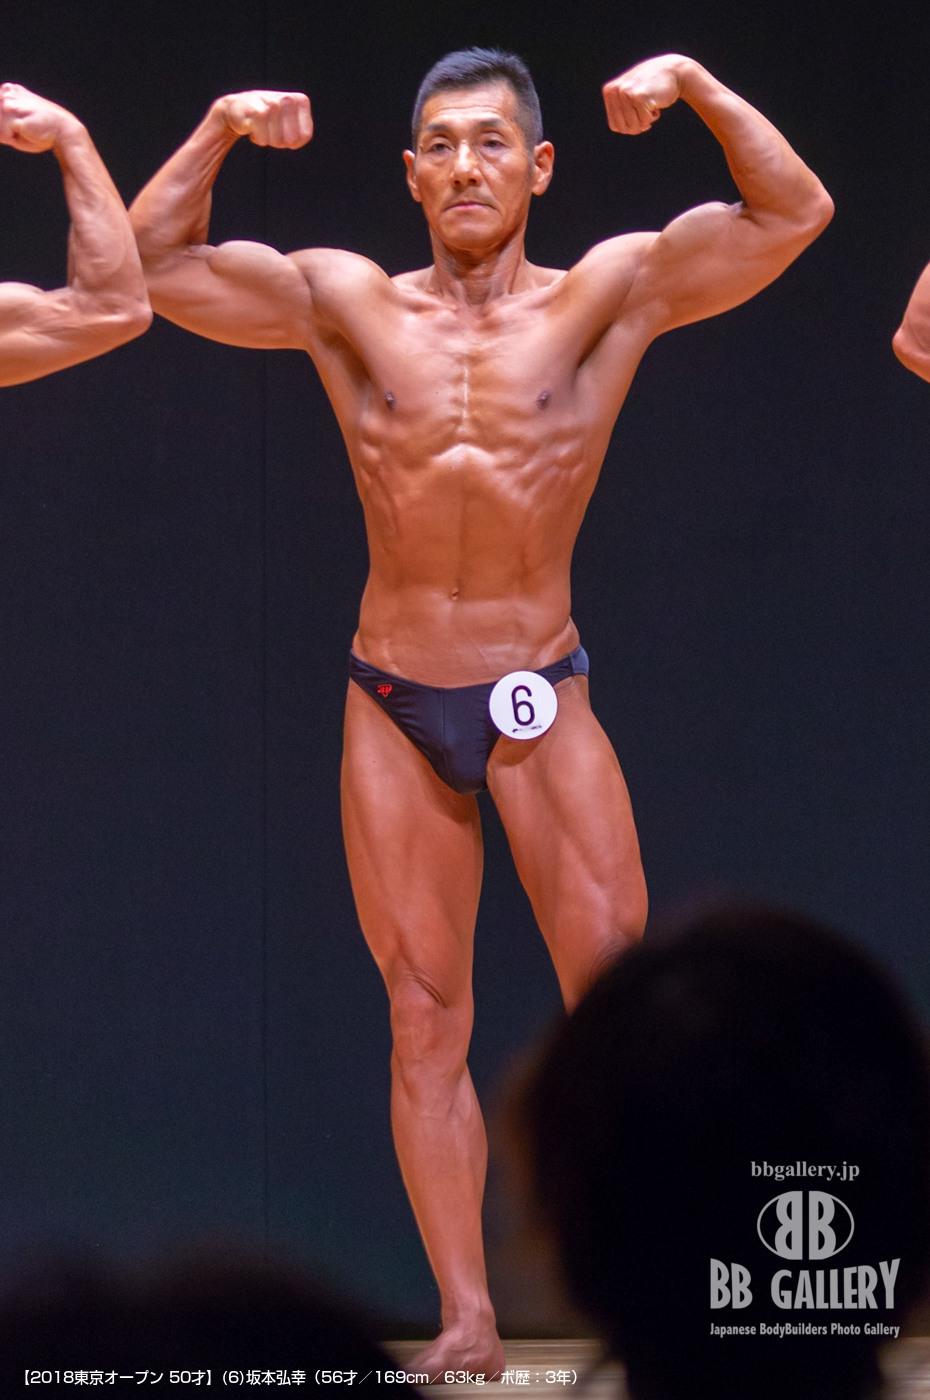 【2018東京オープン 50才】(6)坂本弘幸(56才/169cm/63kg/ボ歴:3年)